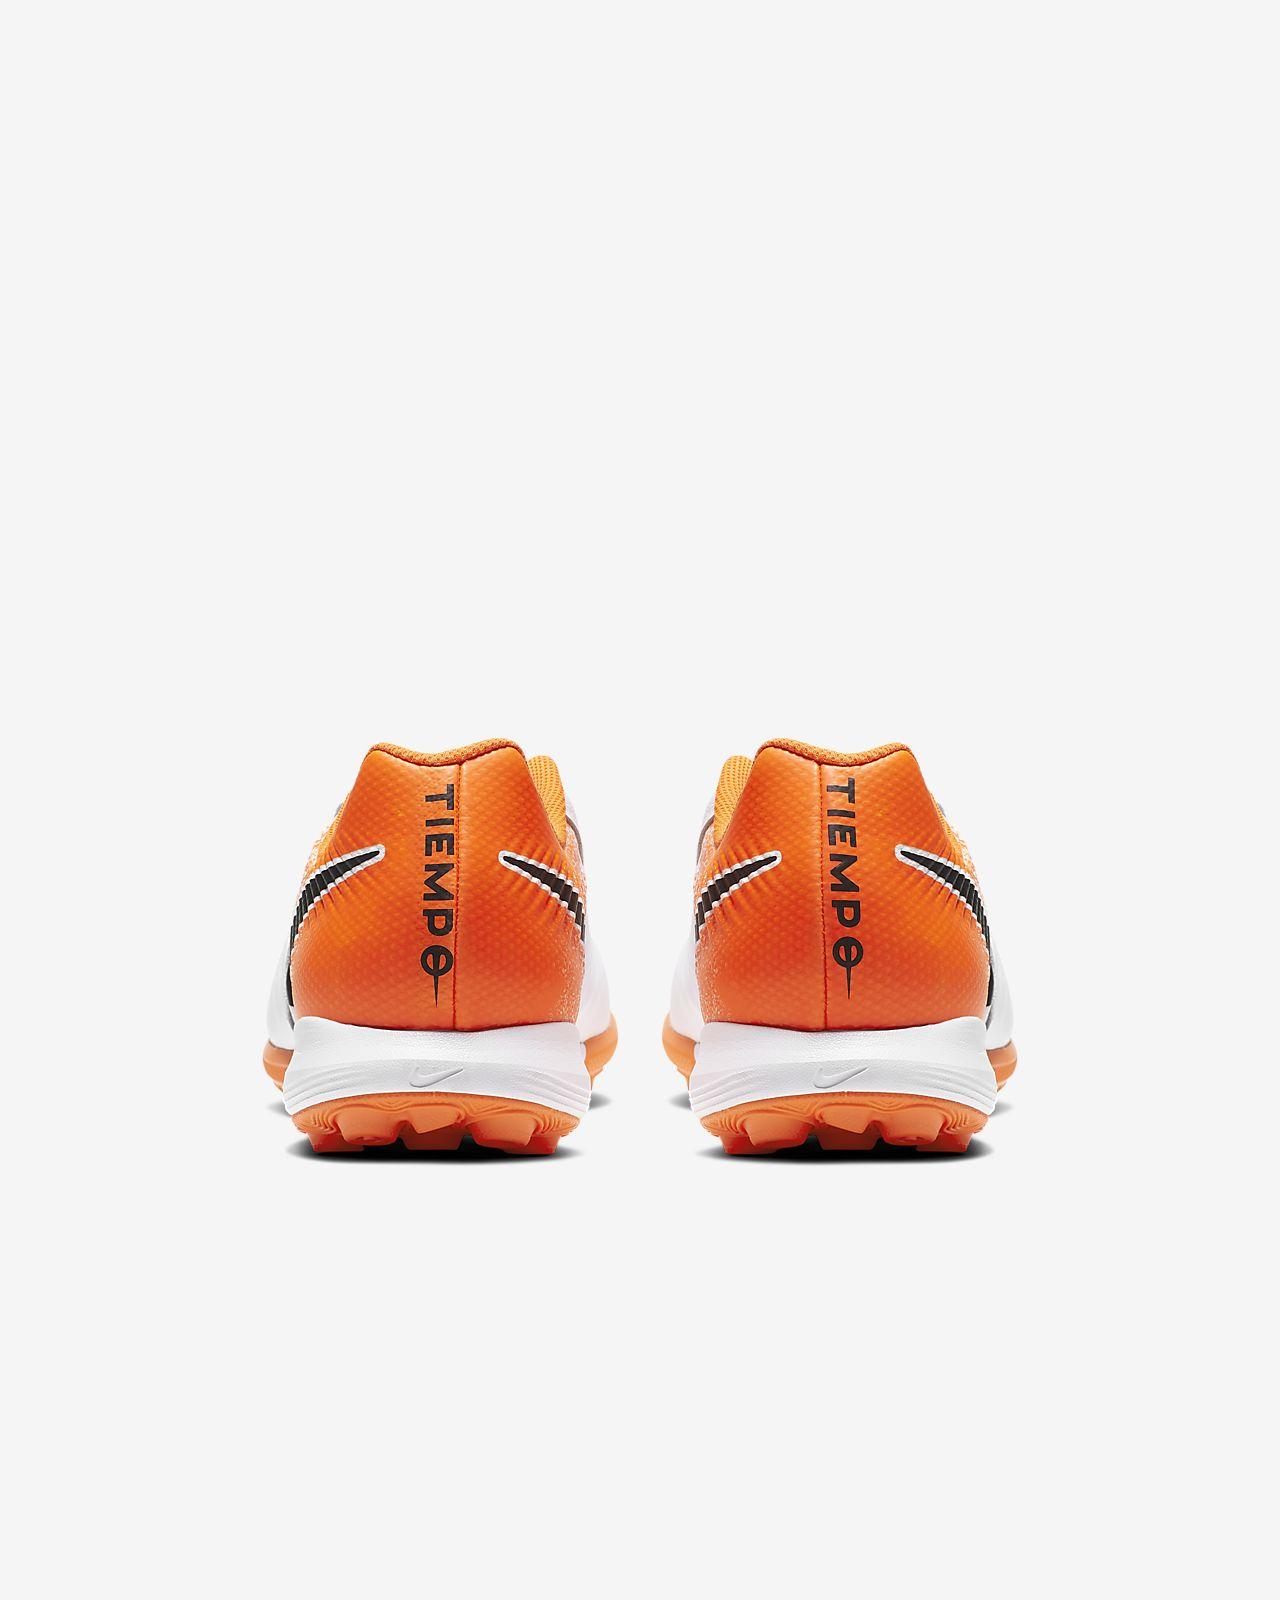 4f2568995 Nike TiempoX Lunar Legend VII Pro Turf Football Boot. Nike.com GB